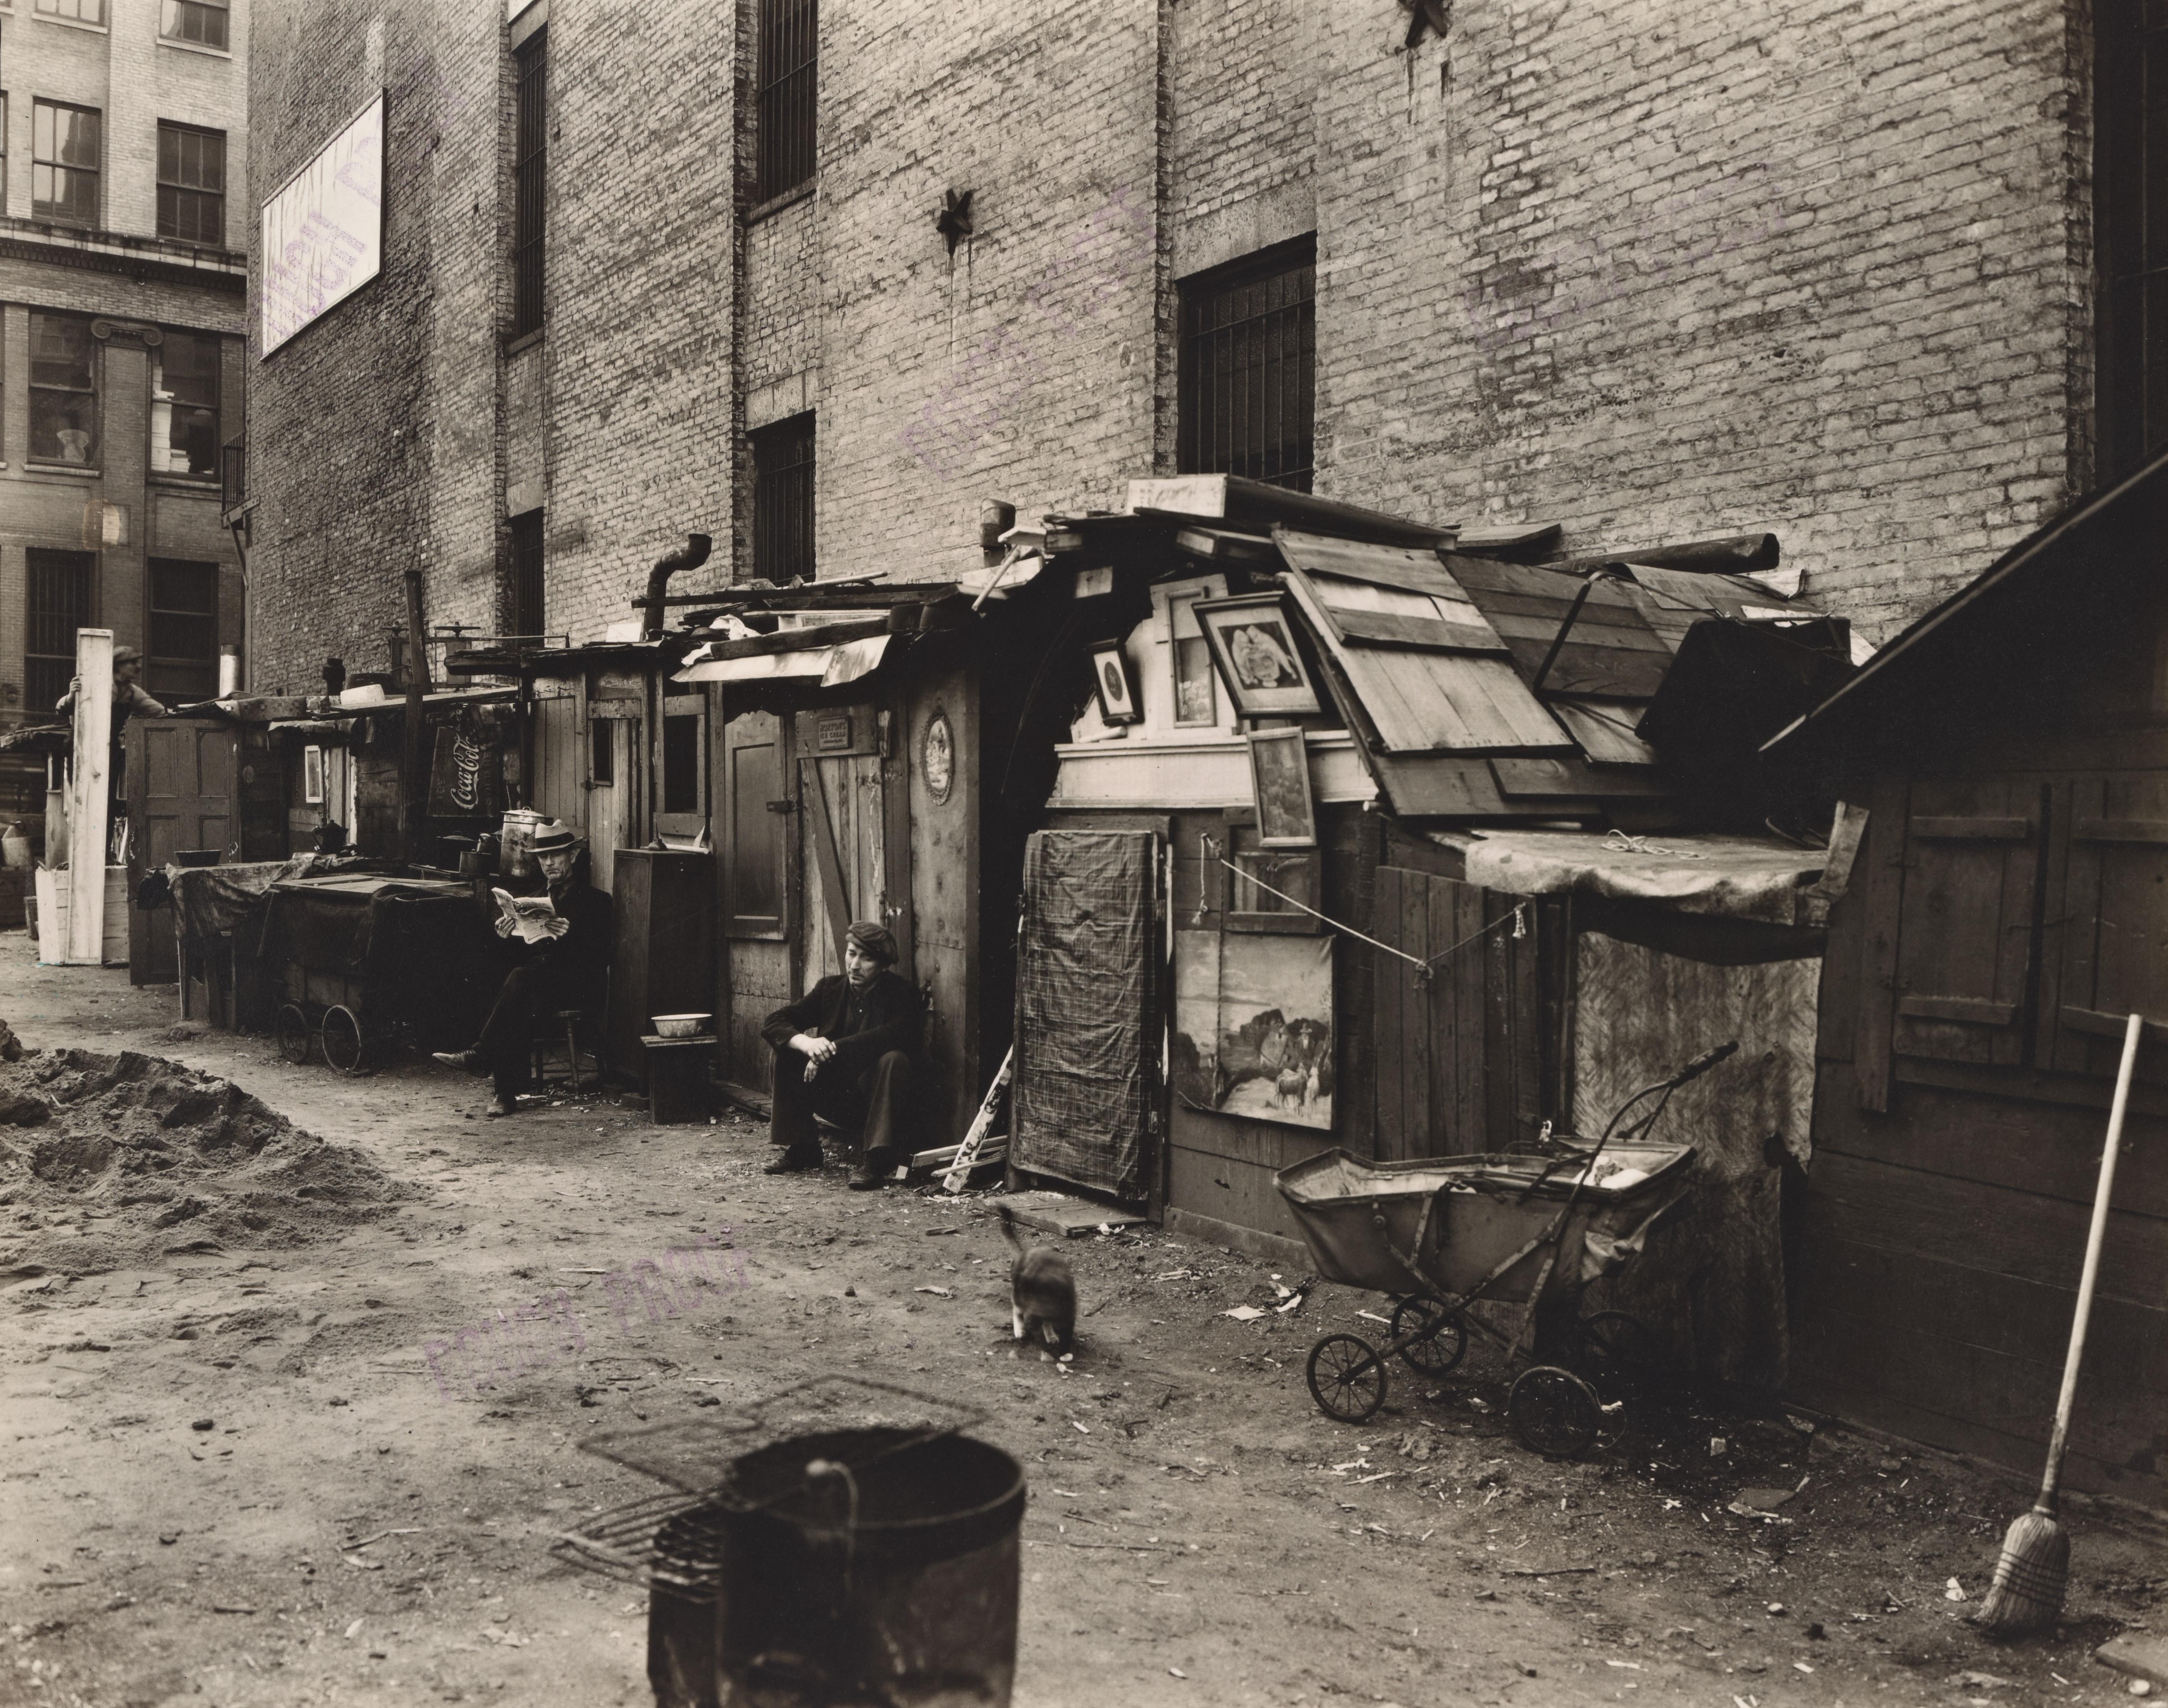 utsandunemployedmenineworkity,1935